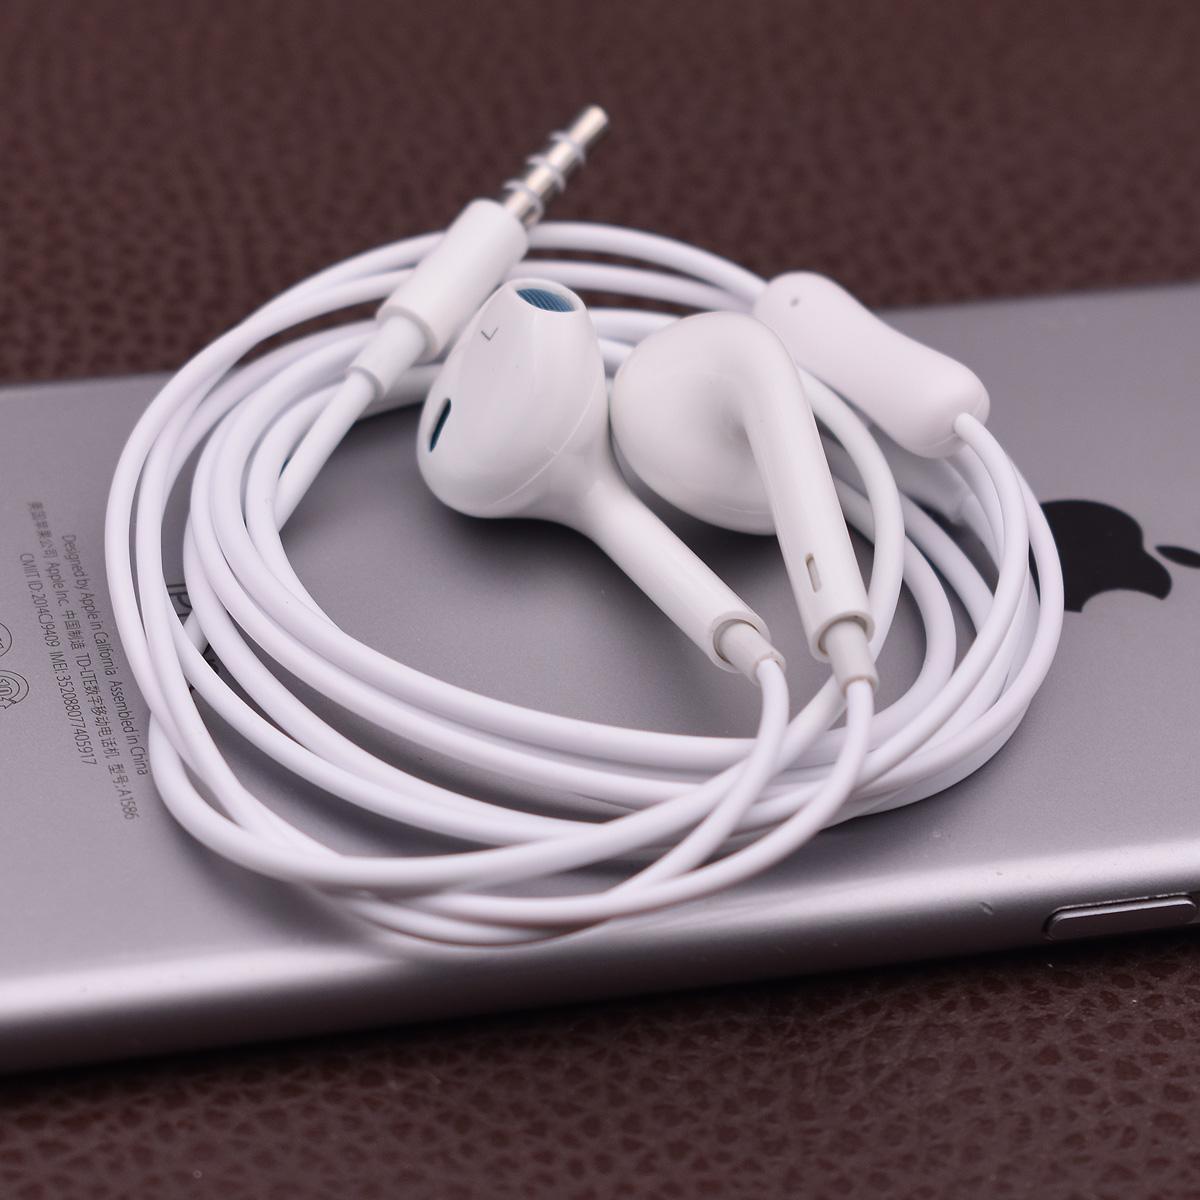 通用带麦普通运动入耳式耳塞式 mp3 耳机重低音手机平板电脑 BS5 飚声